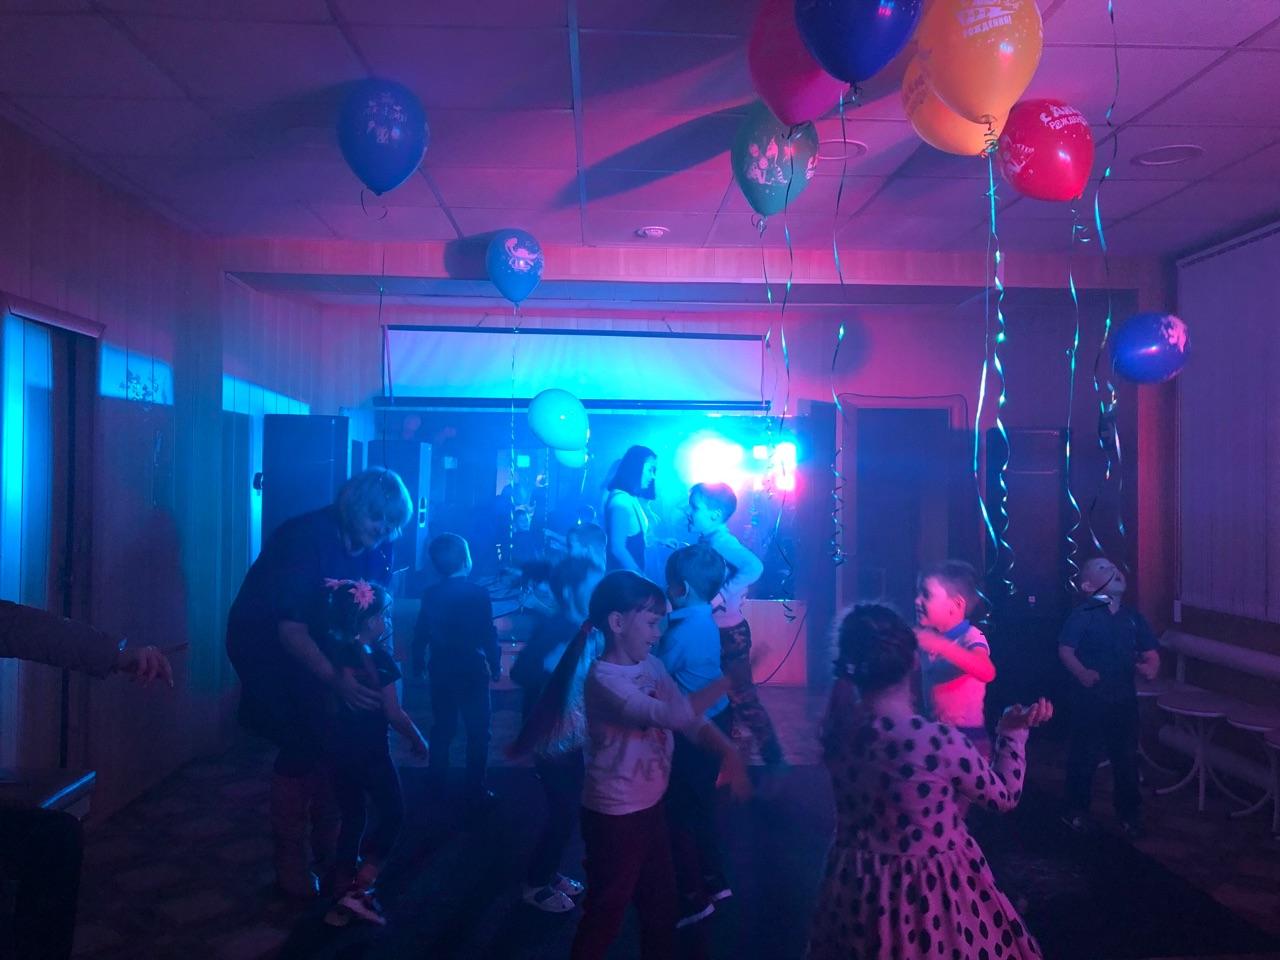 детская танцевальная игровая программа «Сегодня некогда скучать, будем петь и танцевать!»